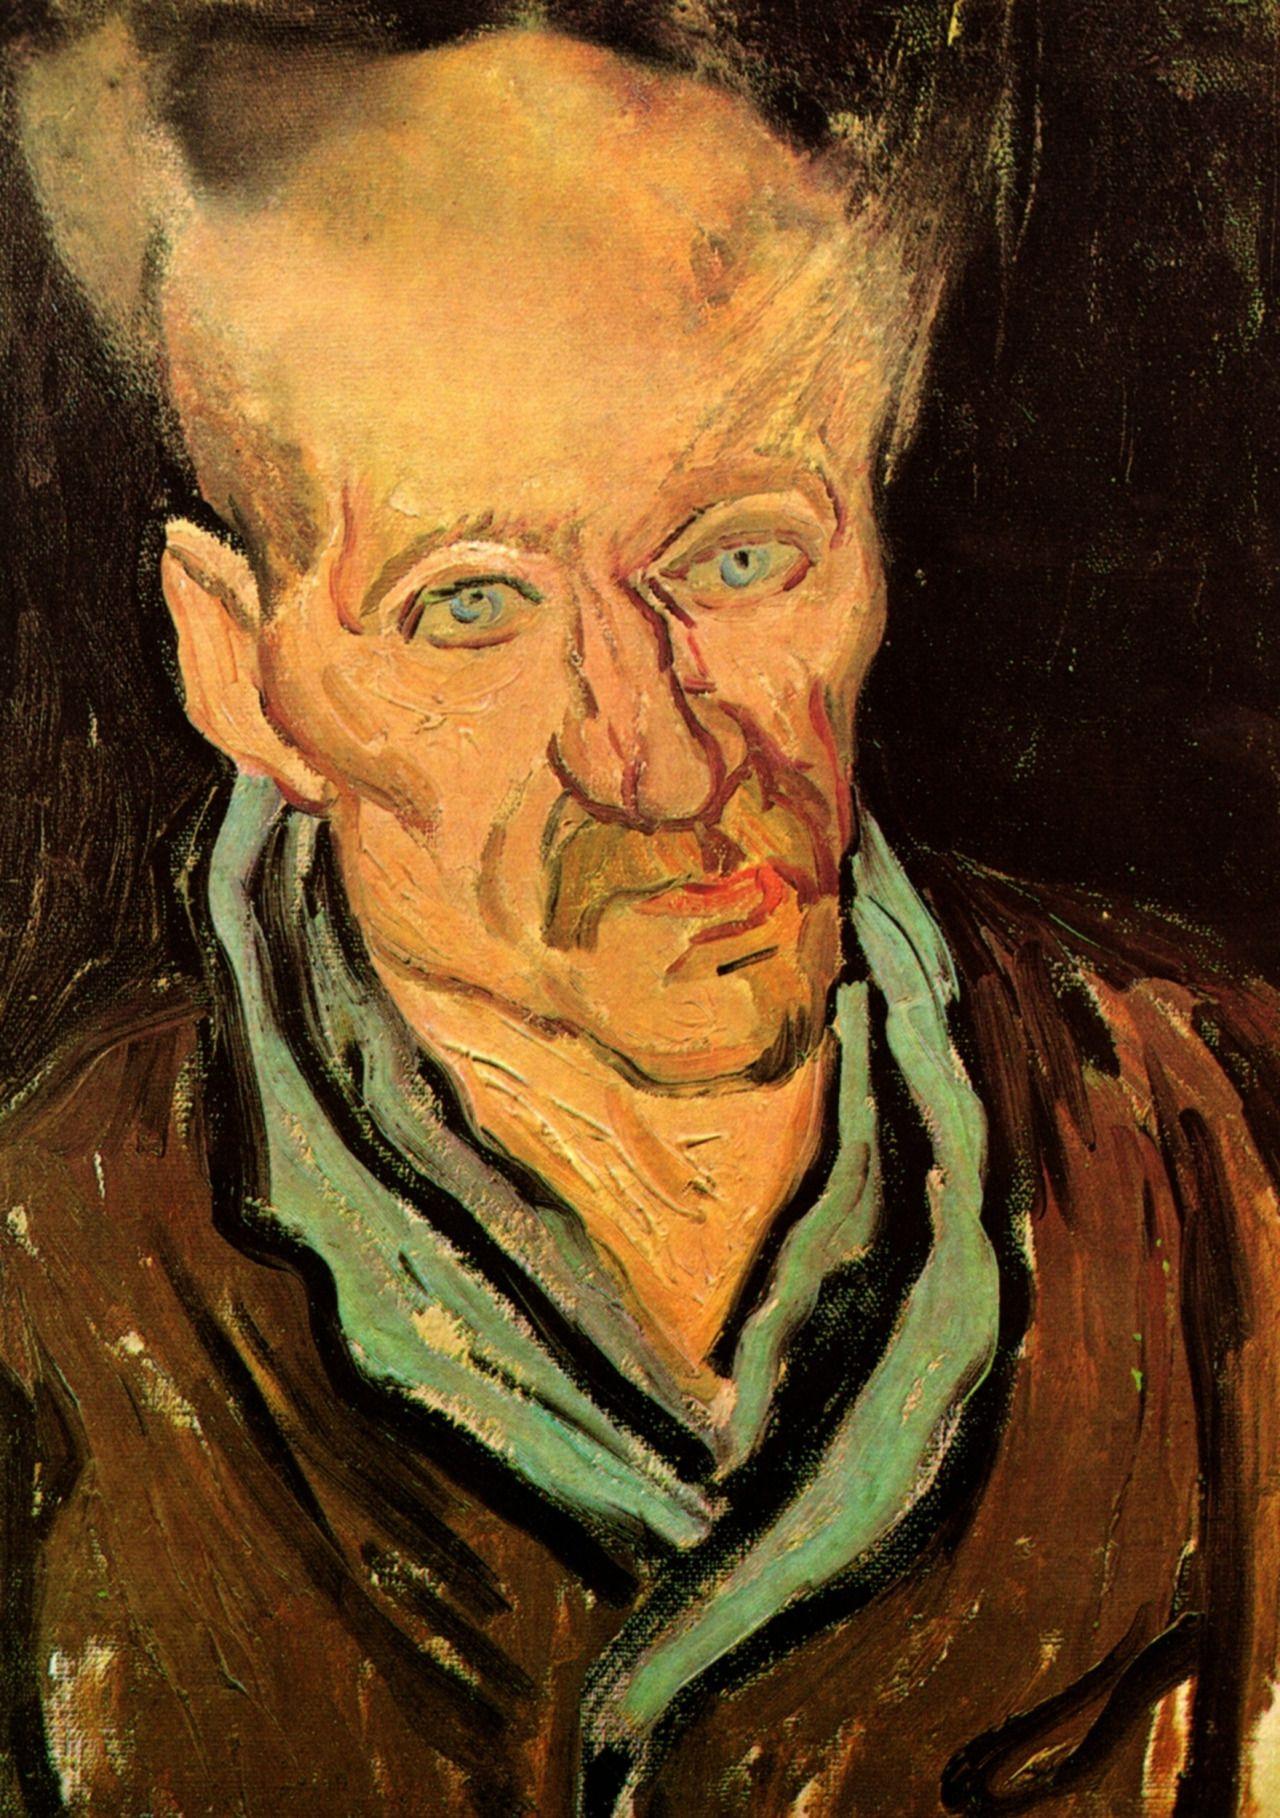 Portrait of a Patient in Saint-Paul Hospital, 1889 Vincent van Gogh